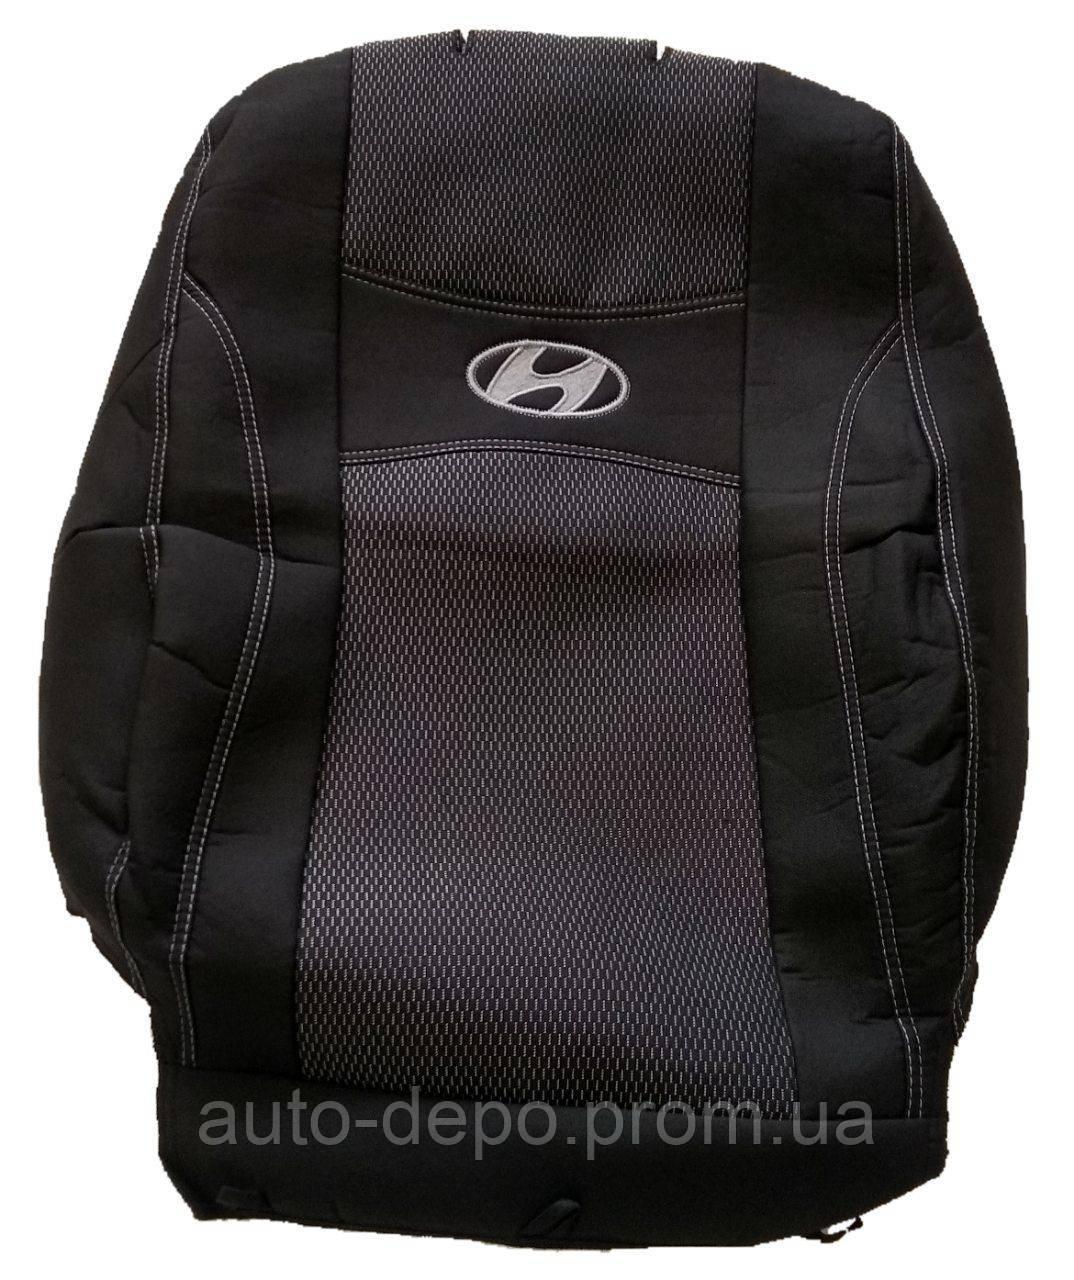 Чехлы на сиденья Hyundai Accent RB 2010- Nika